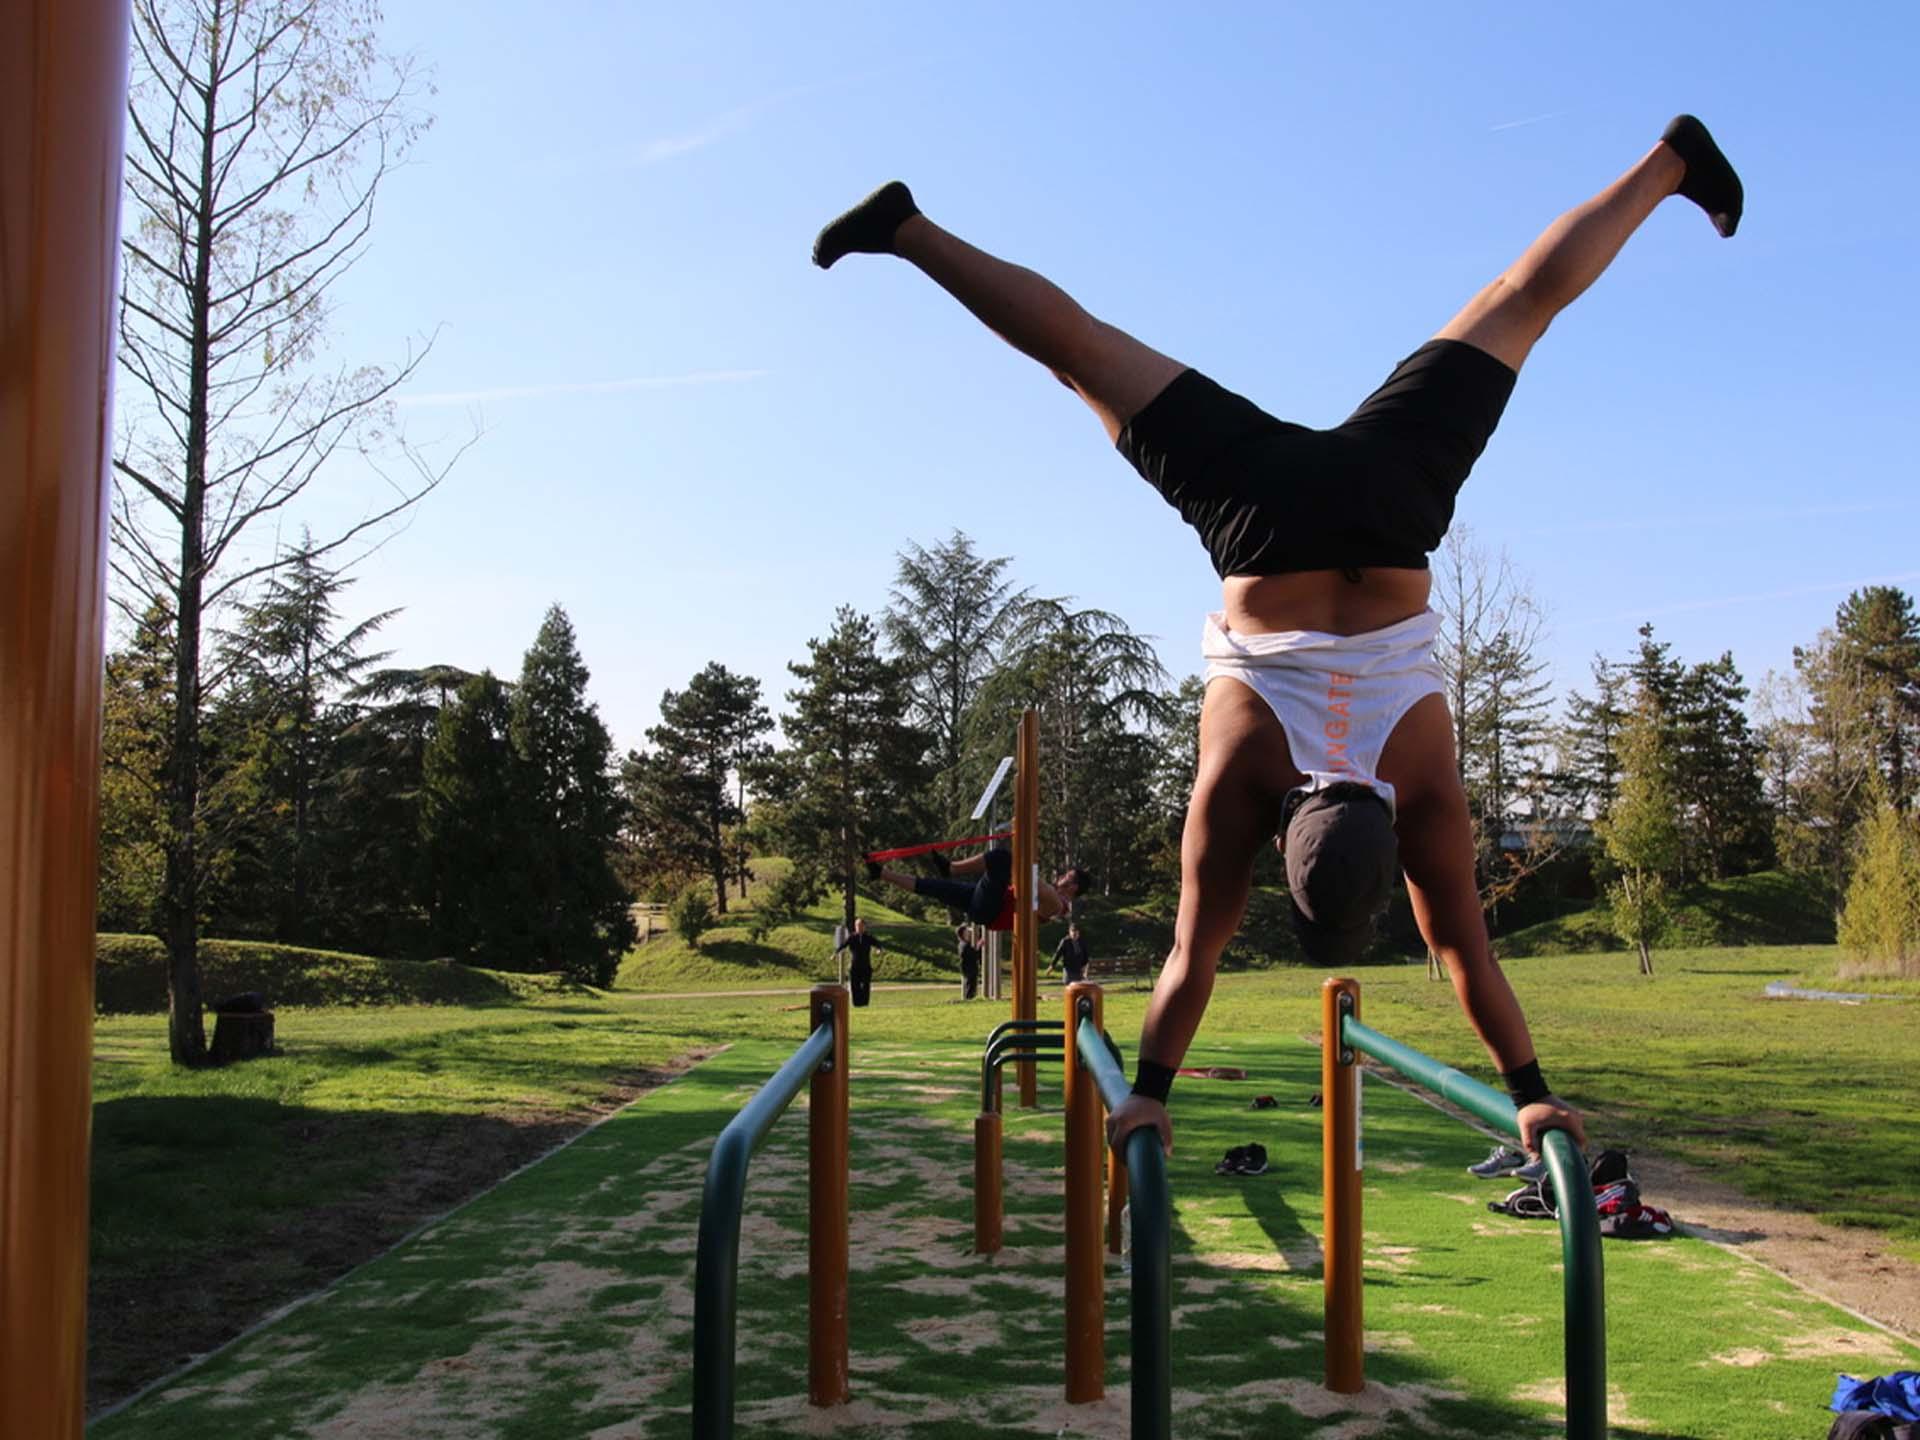 Photo d'un sportif aguerri réalisant une figure sur les barres parallèles à Issoudun